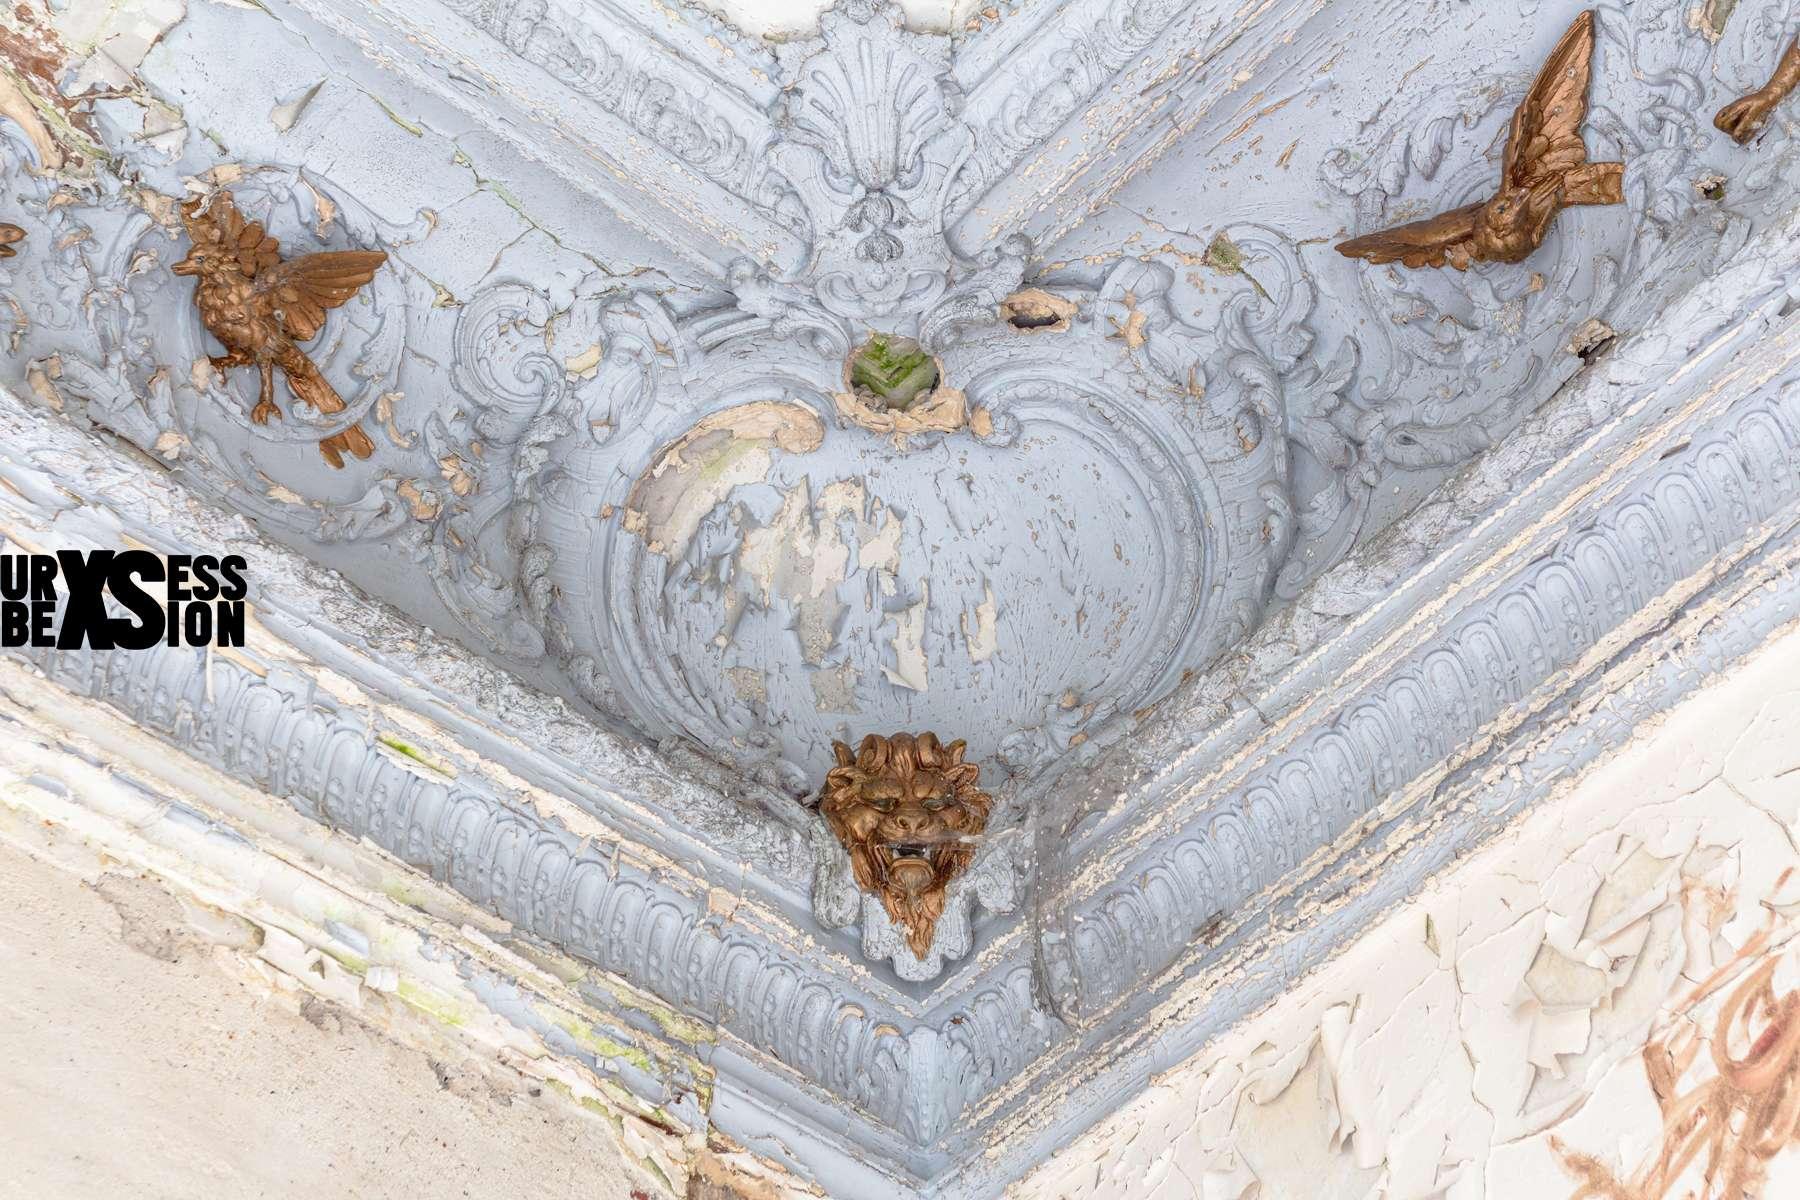 Château abandonné en France | urbexsession.com/chateau-de-fruminet | Urbex France